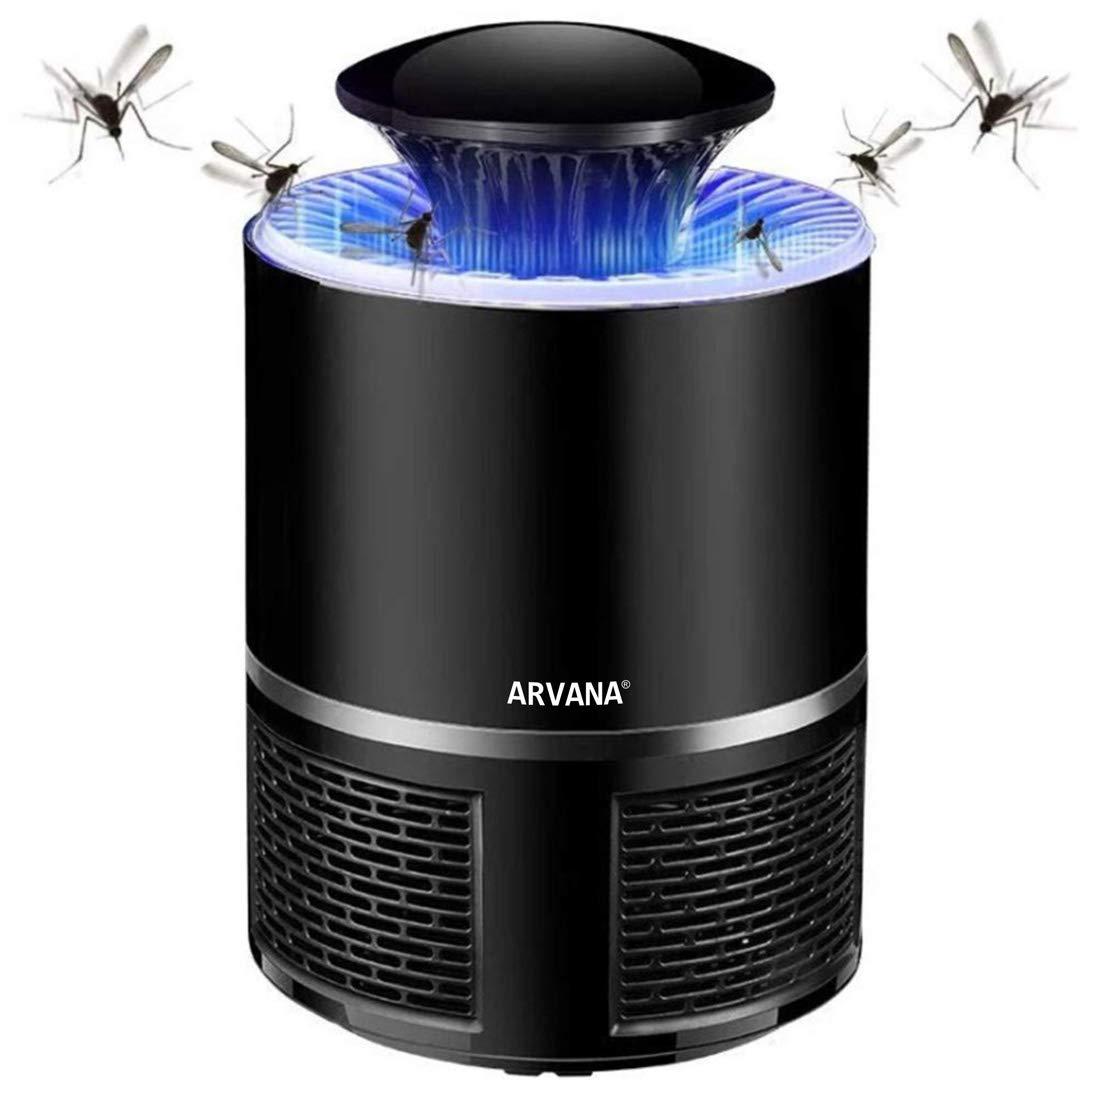 ARVANA 전자 Led 모기 살인자 램프 기계 모기 플라이 포수 기계 트랩 친환경 아기 모기 구충제 램프-1 팩 : Amazon.in : 정원 및 야외 활동